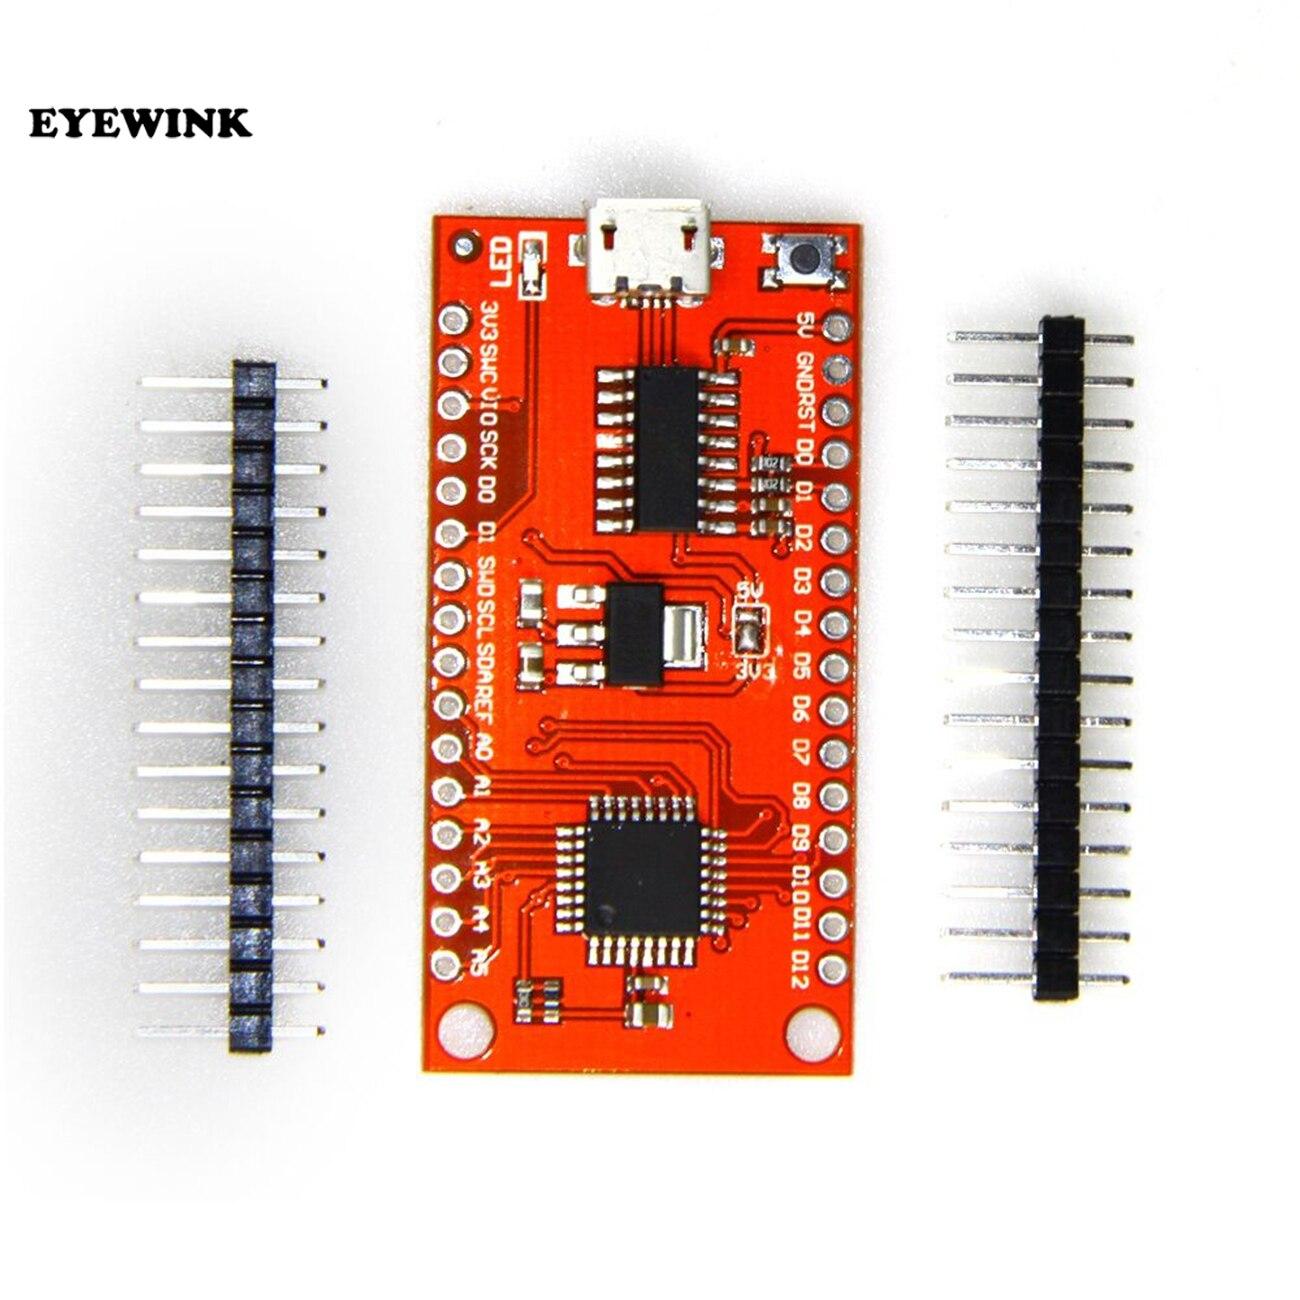 TTGO XI 8F328P-U плата micro usb для Arduino Nano V3.0 Promini или замена